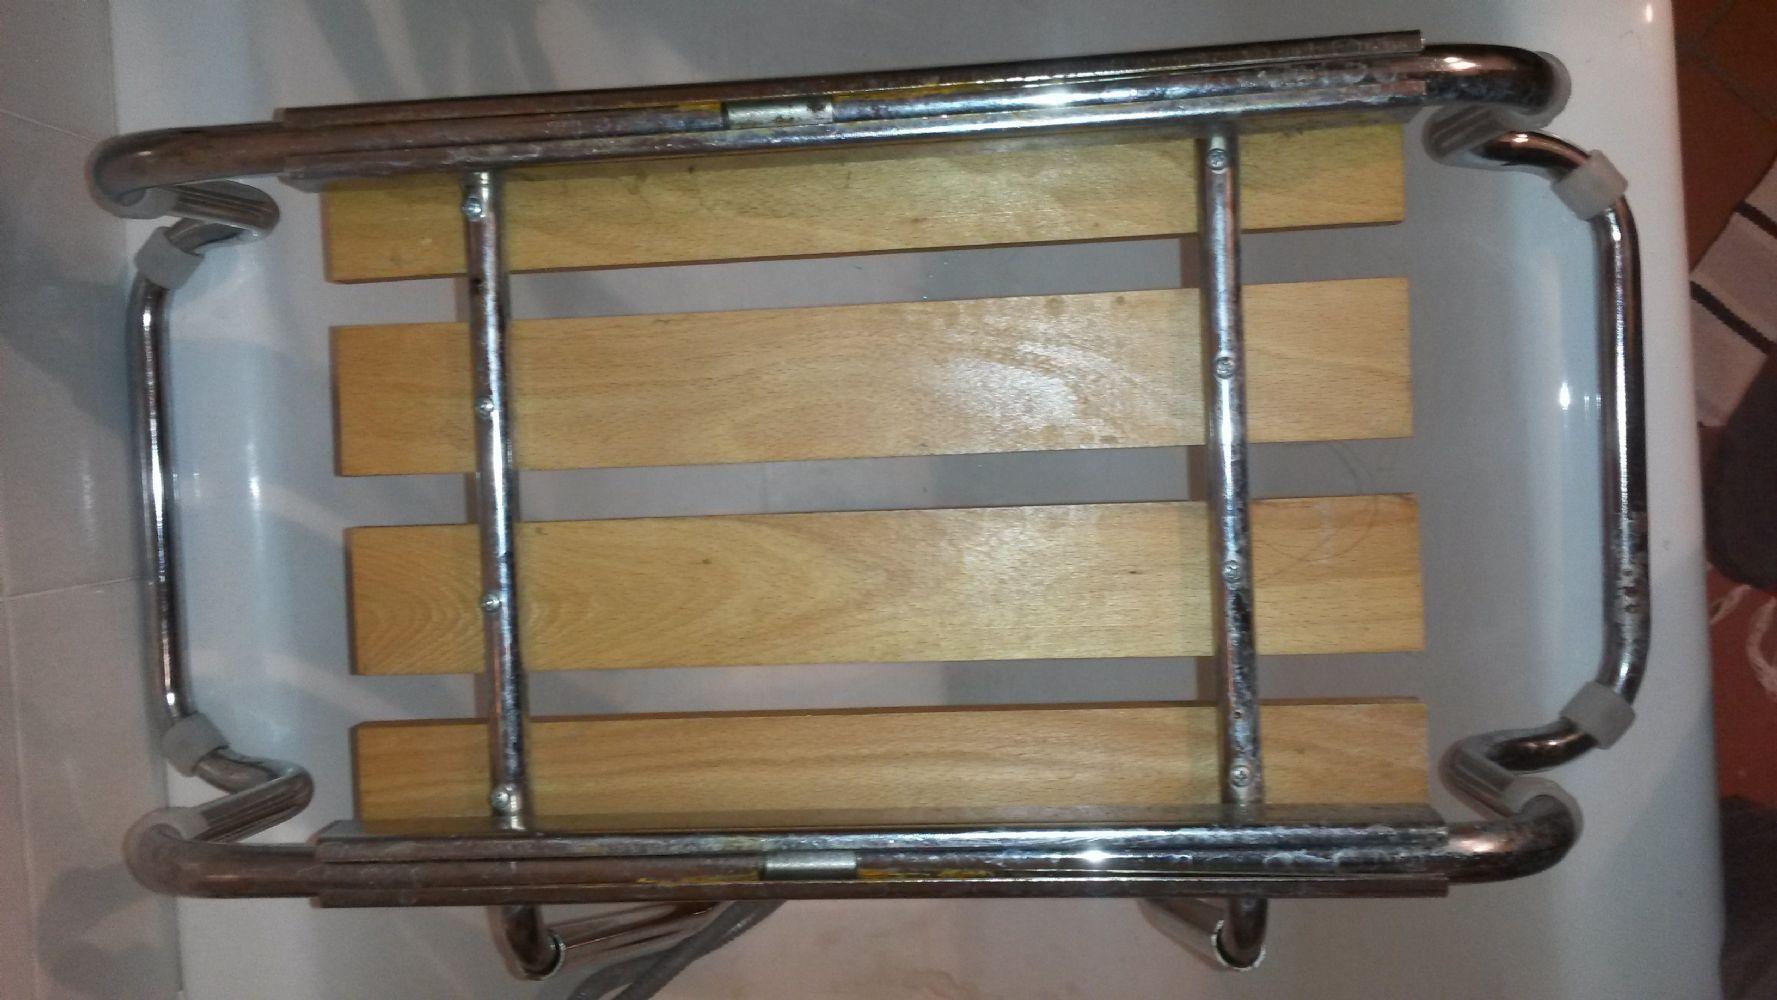 Vasca Da Bagno Legno Usata : Baratto scambio sedile in legno vasca bagno arredamento bagno